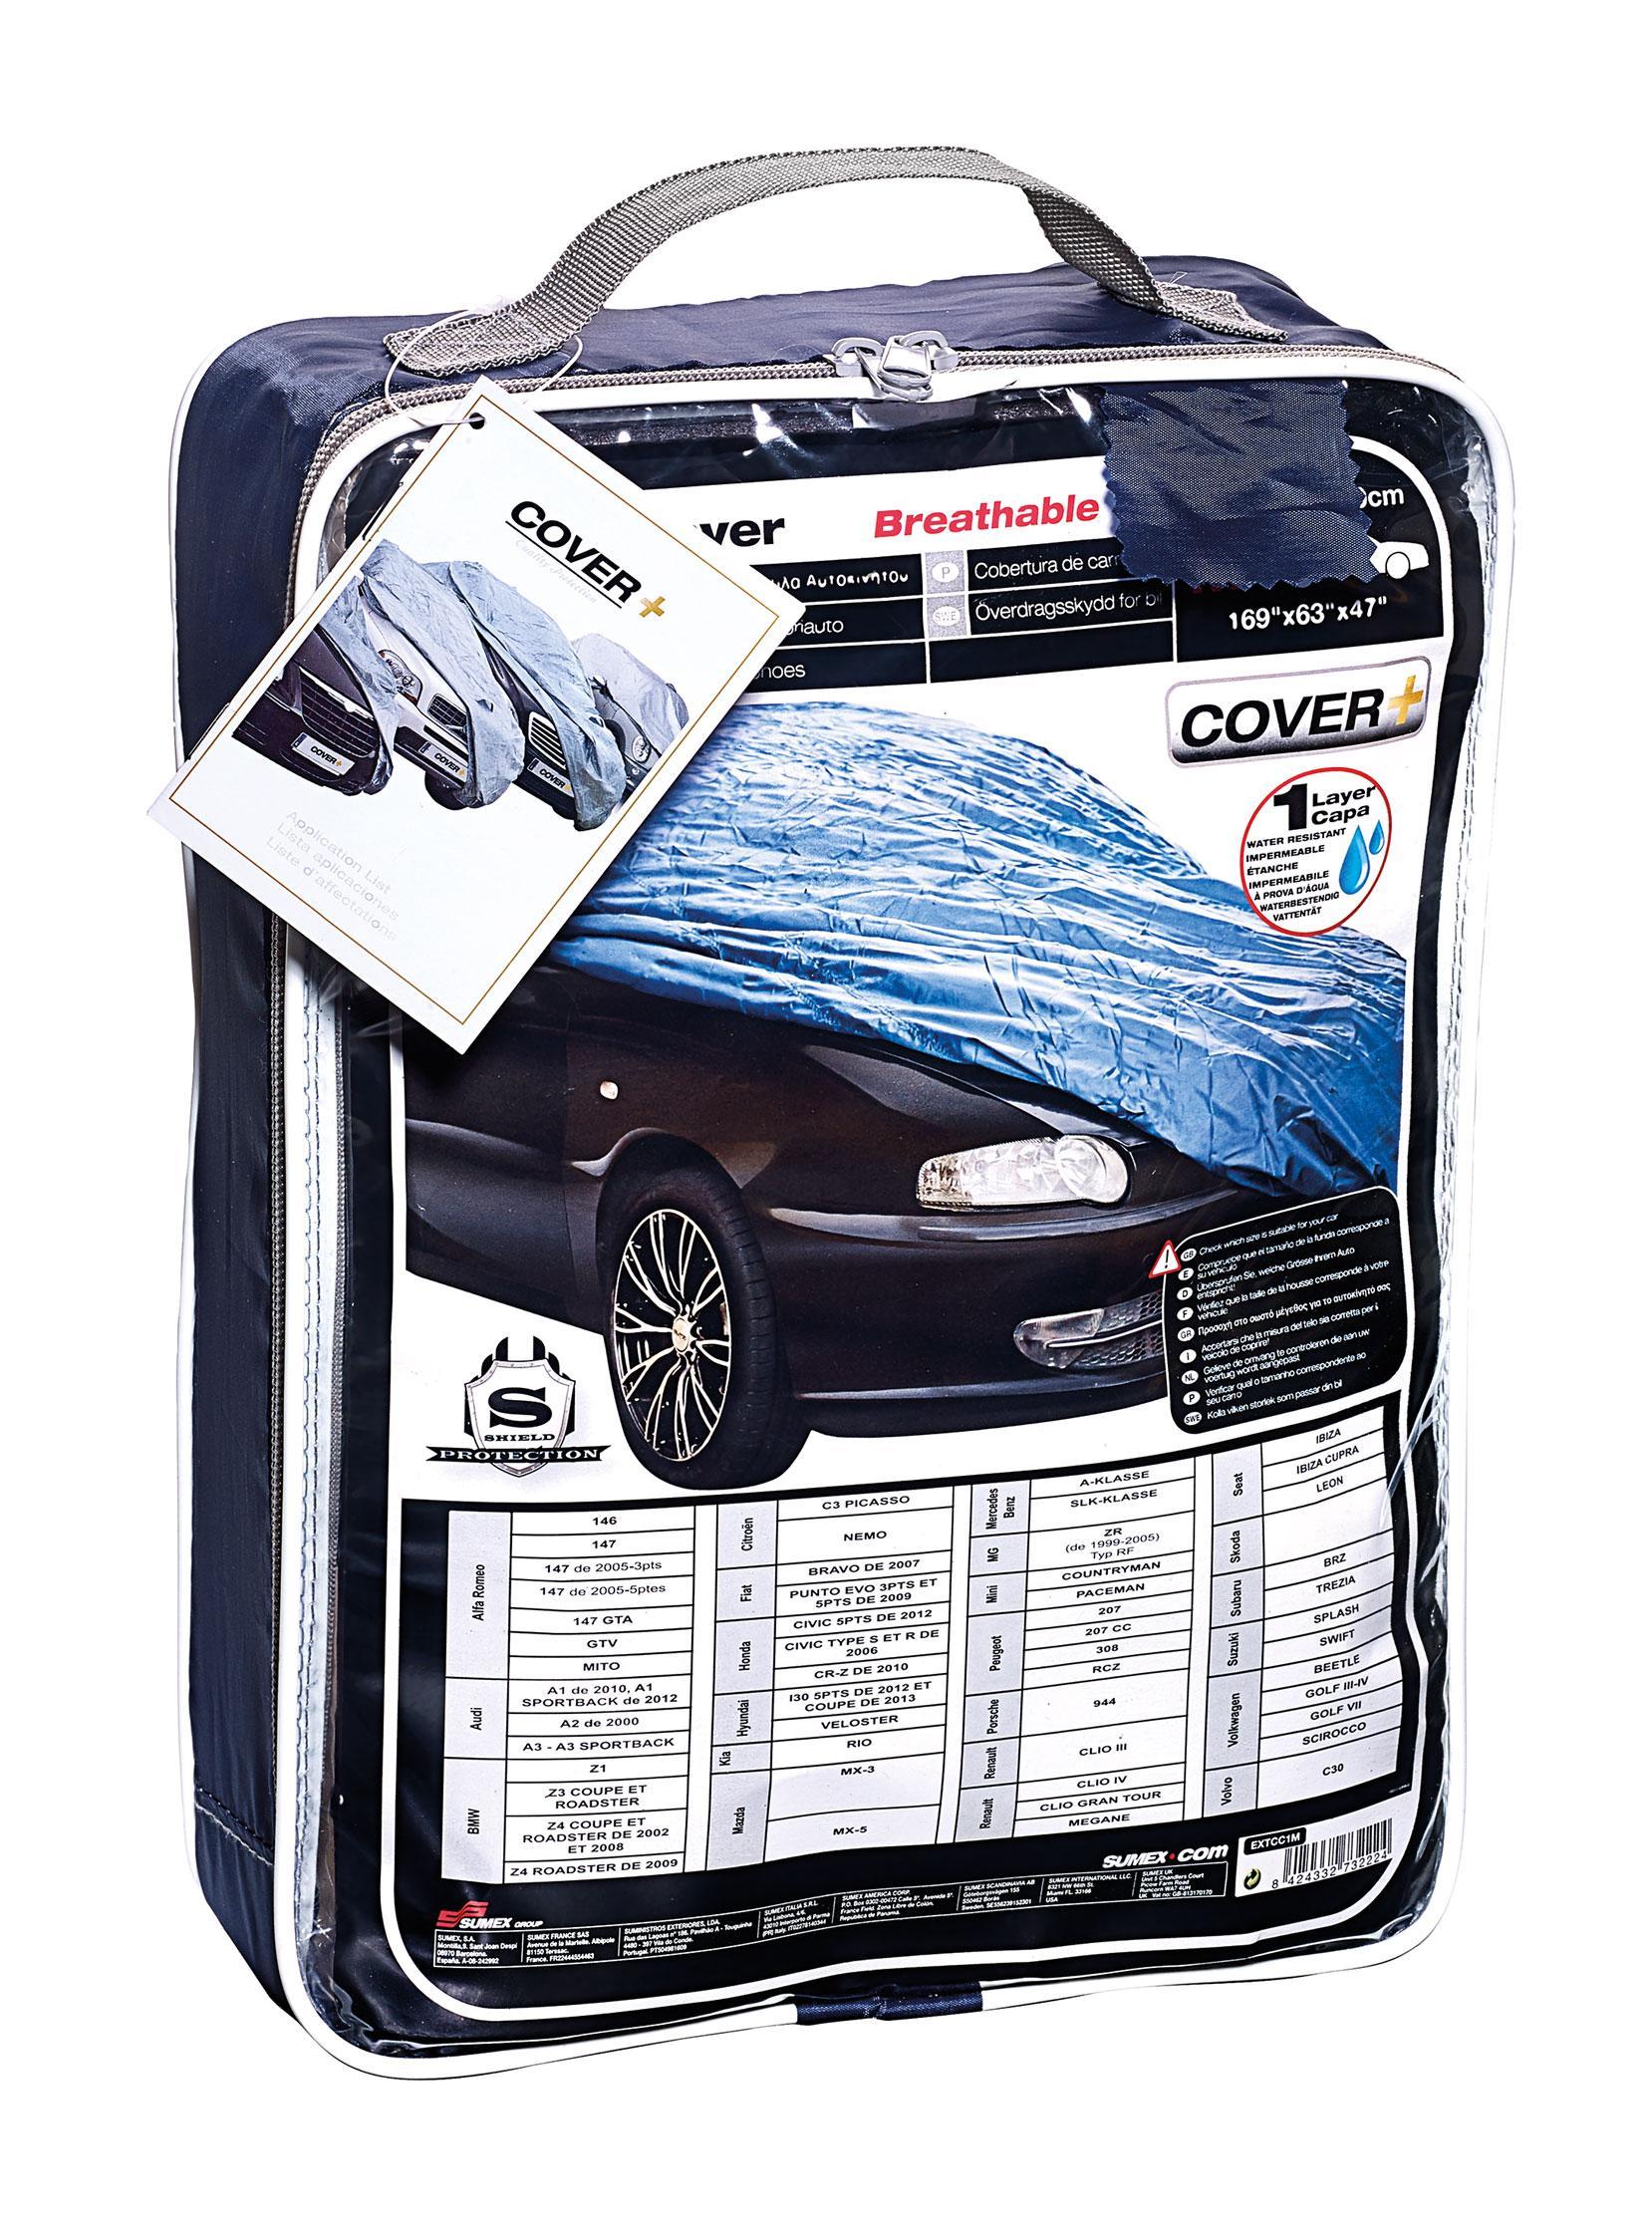 Housses de protection adnautomid housse de voiture ta for Housse protection voiture